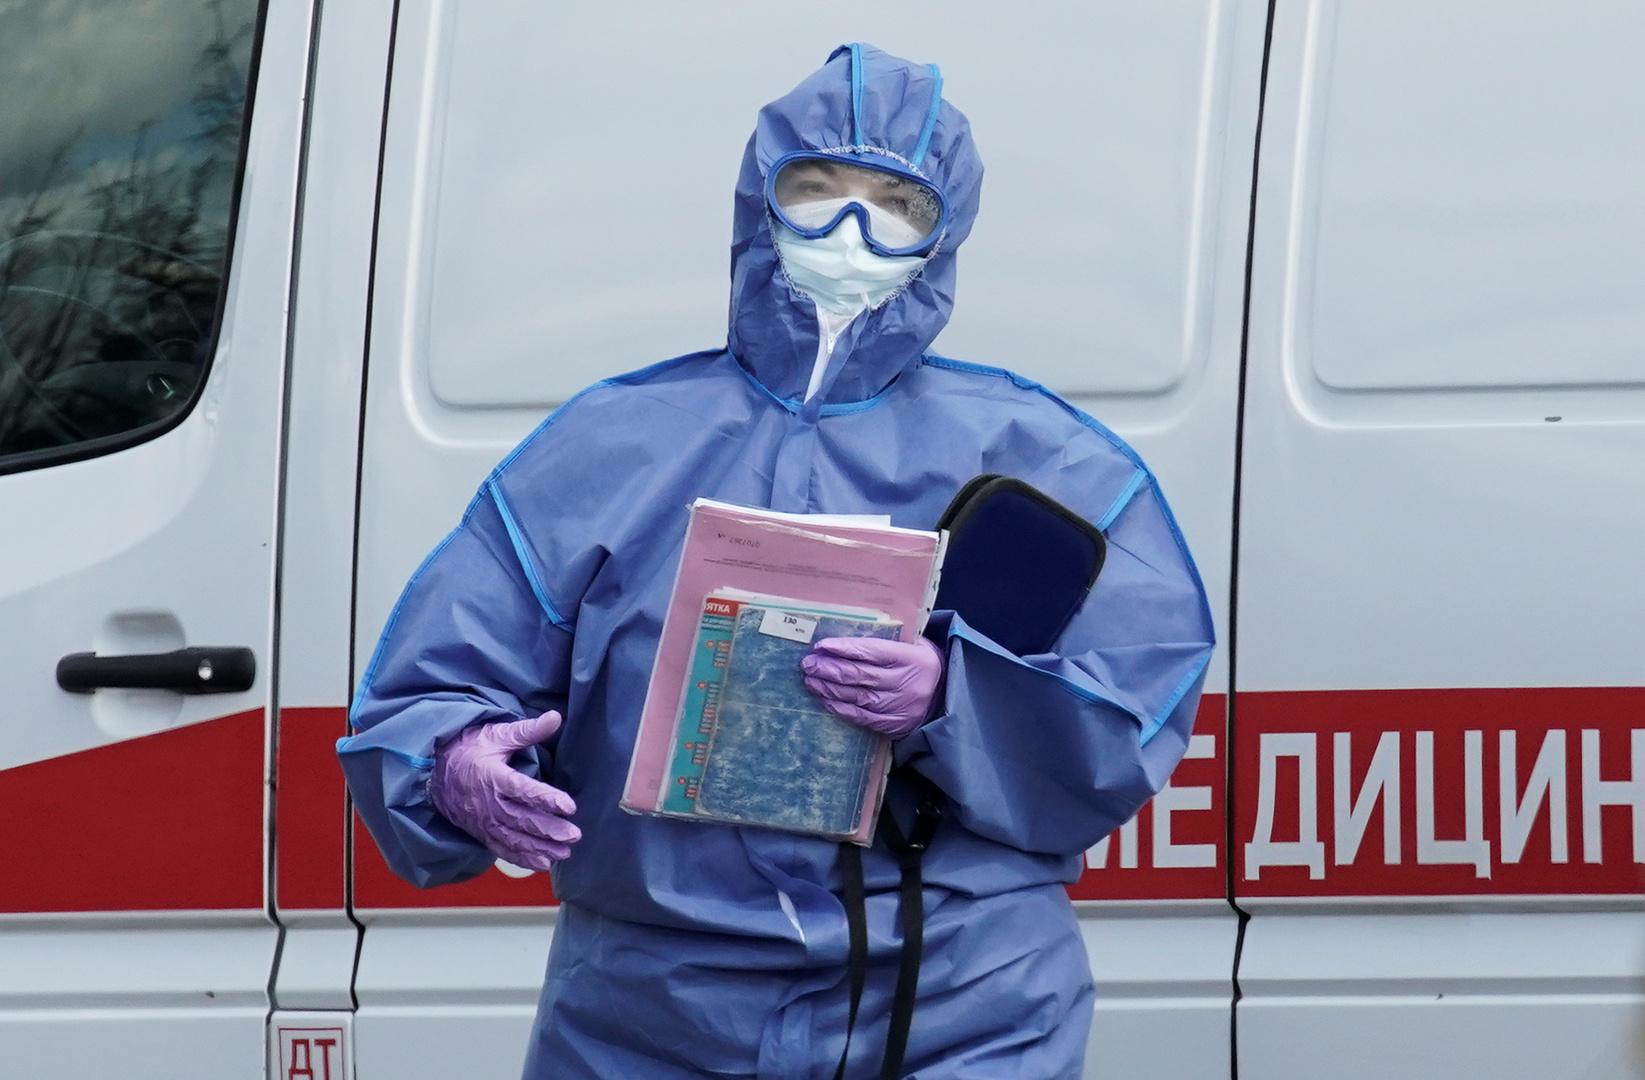 عدد إصابات كورونا اليومية في روسيا في تصاعد تدريجي لليوم الرابع على التوالي